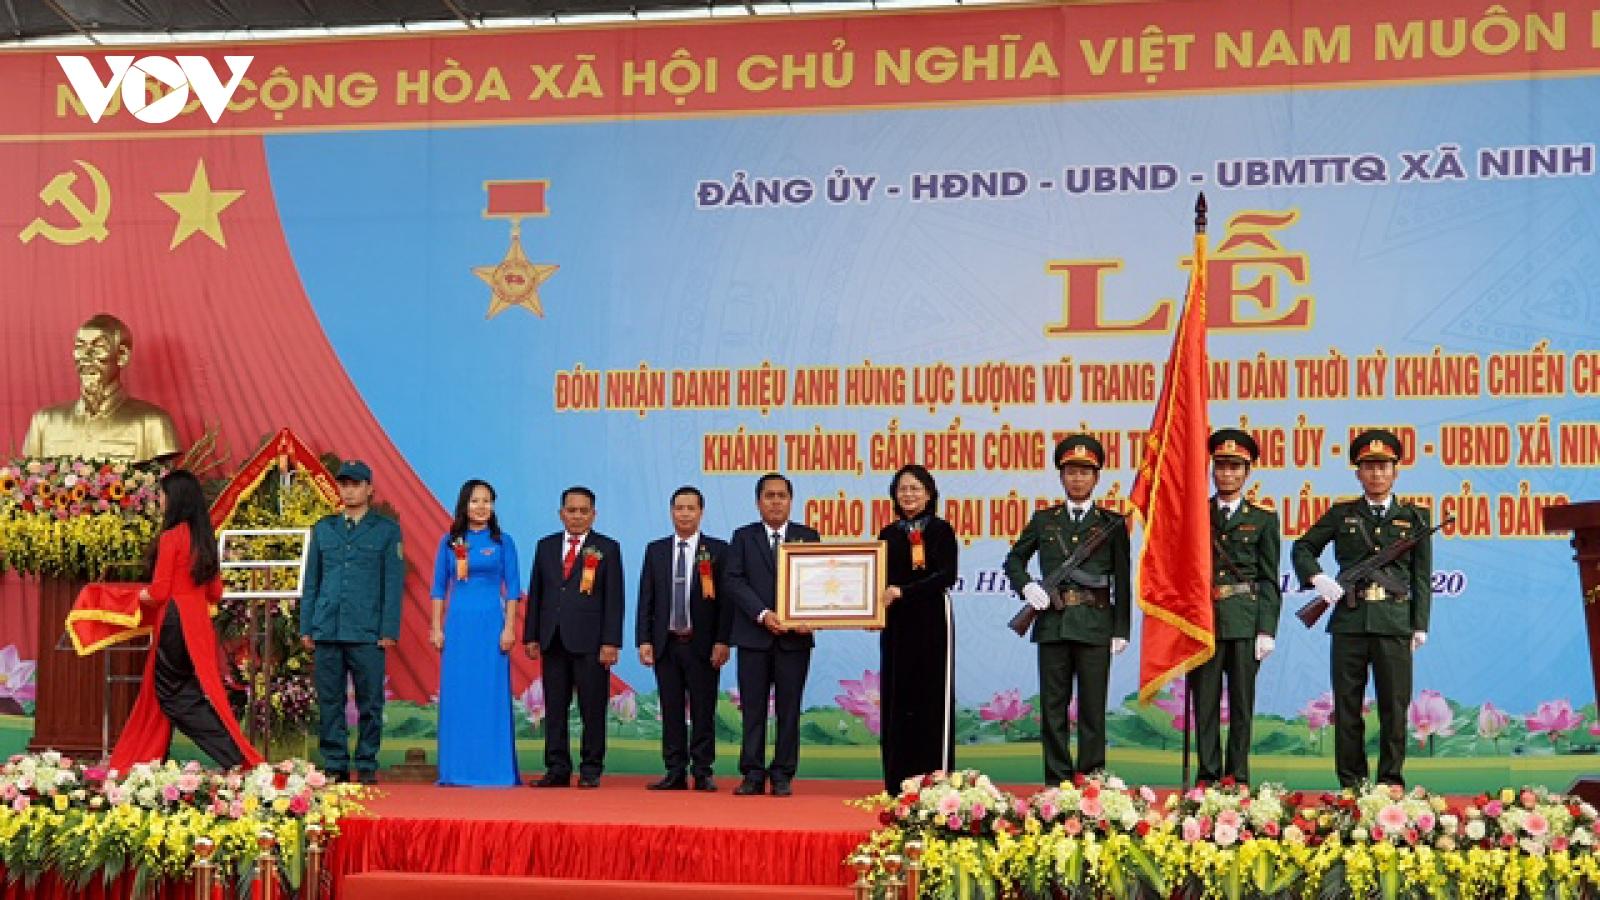 Phó Chủ tịch nước dự lễ đón nhận danh hiệu anh hùng lực lượng vũ trang xã Ninh Hiệp